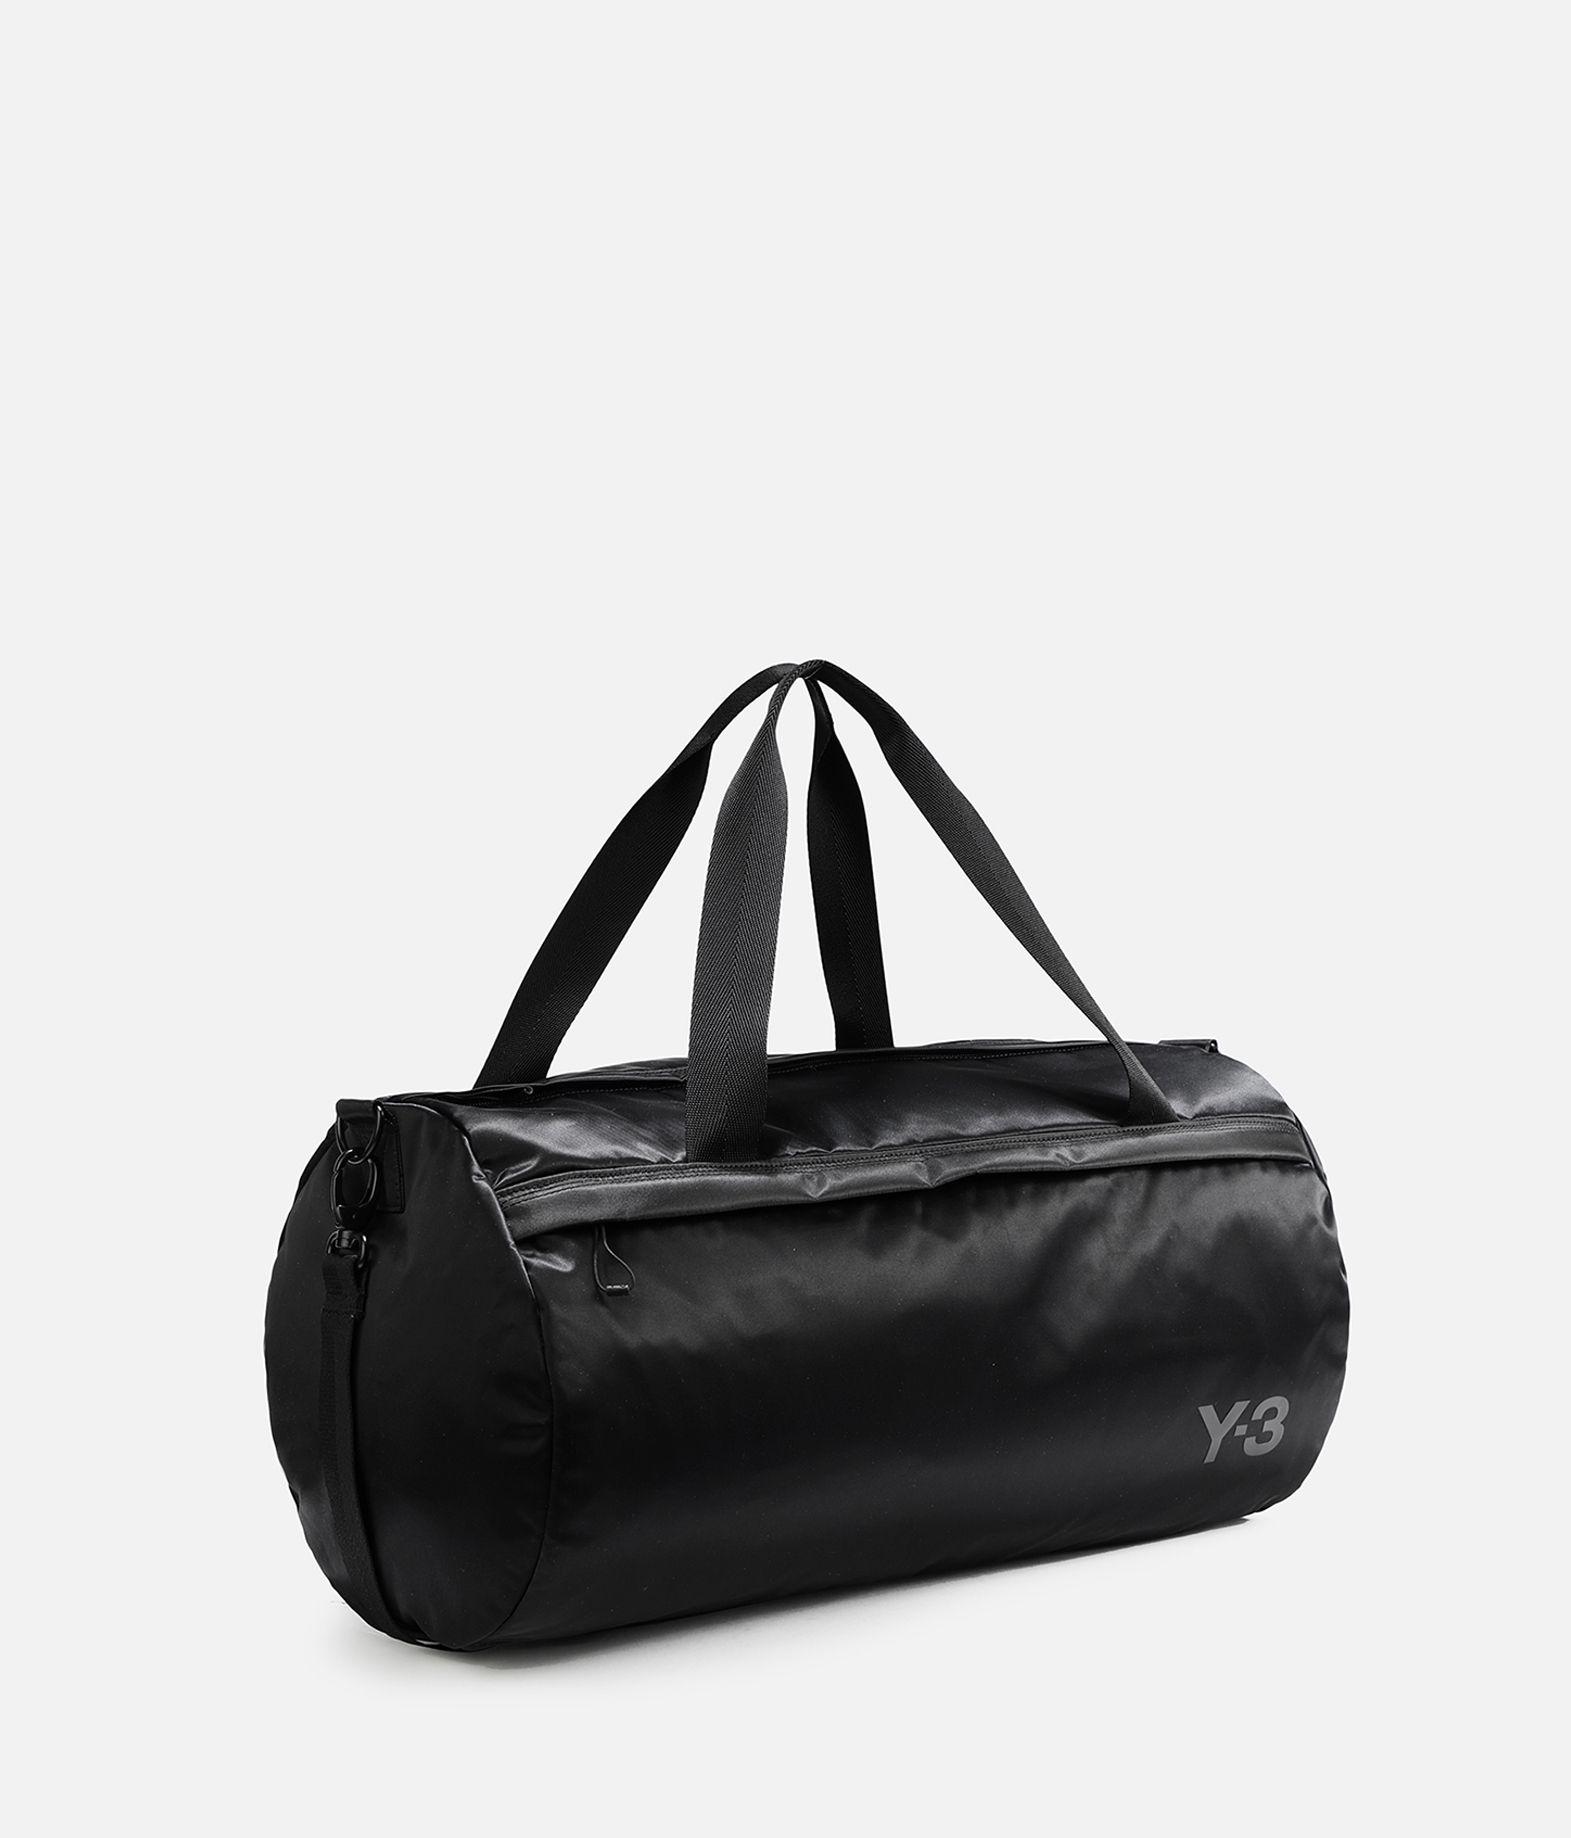 Y-3 Y-3 Gym Bag ジム用バッグ E d